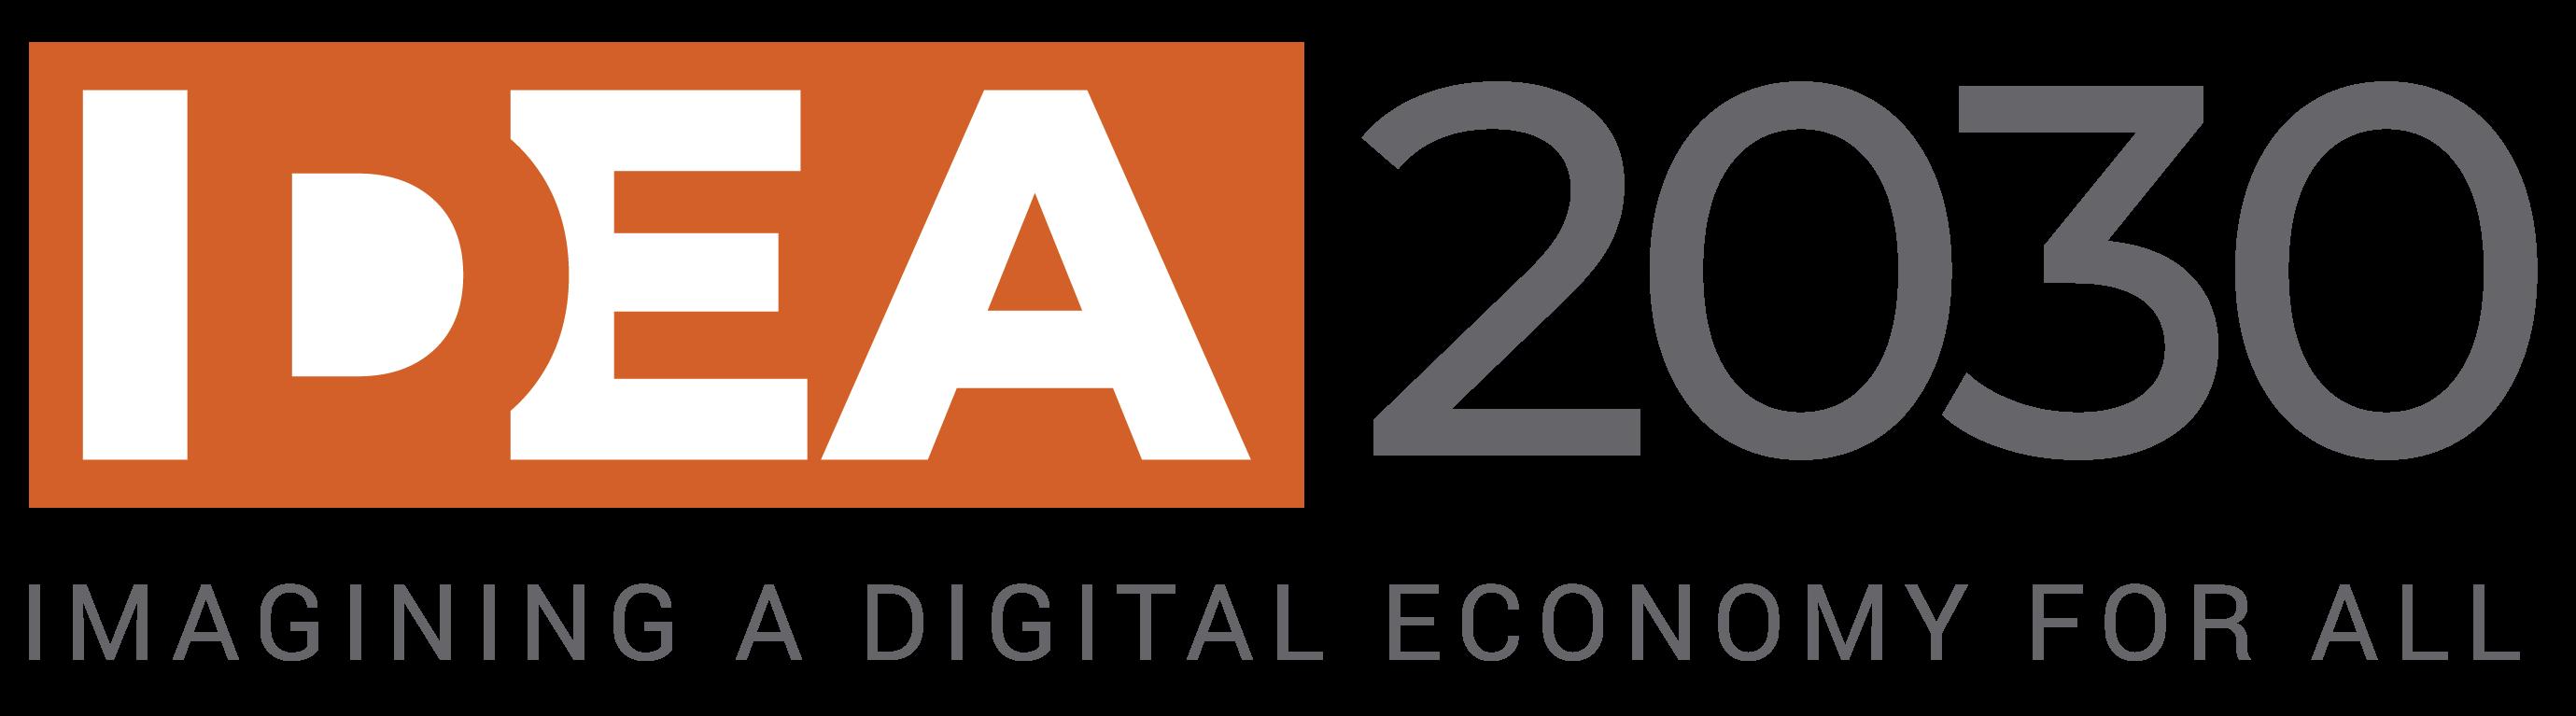 IDEA 2030 logo